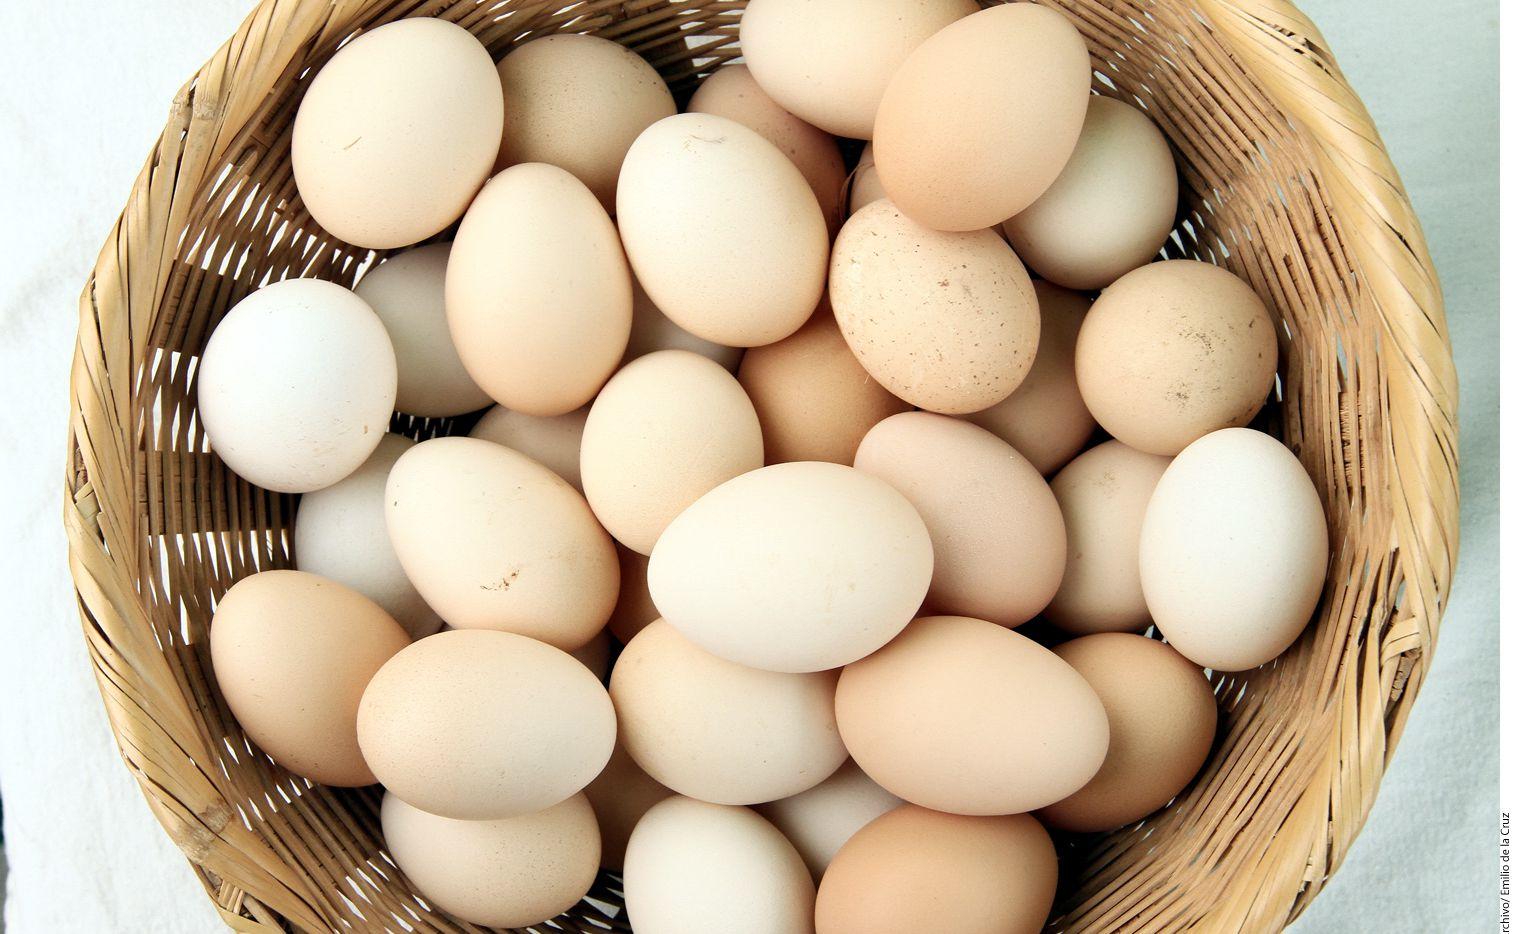 No hay estudios científicos que sustenten que los huevos orgánicos ofrecen mejores beneficios nutrimentales que los comunes. AGENCIA REFORMA.